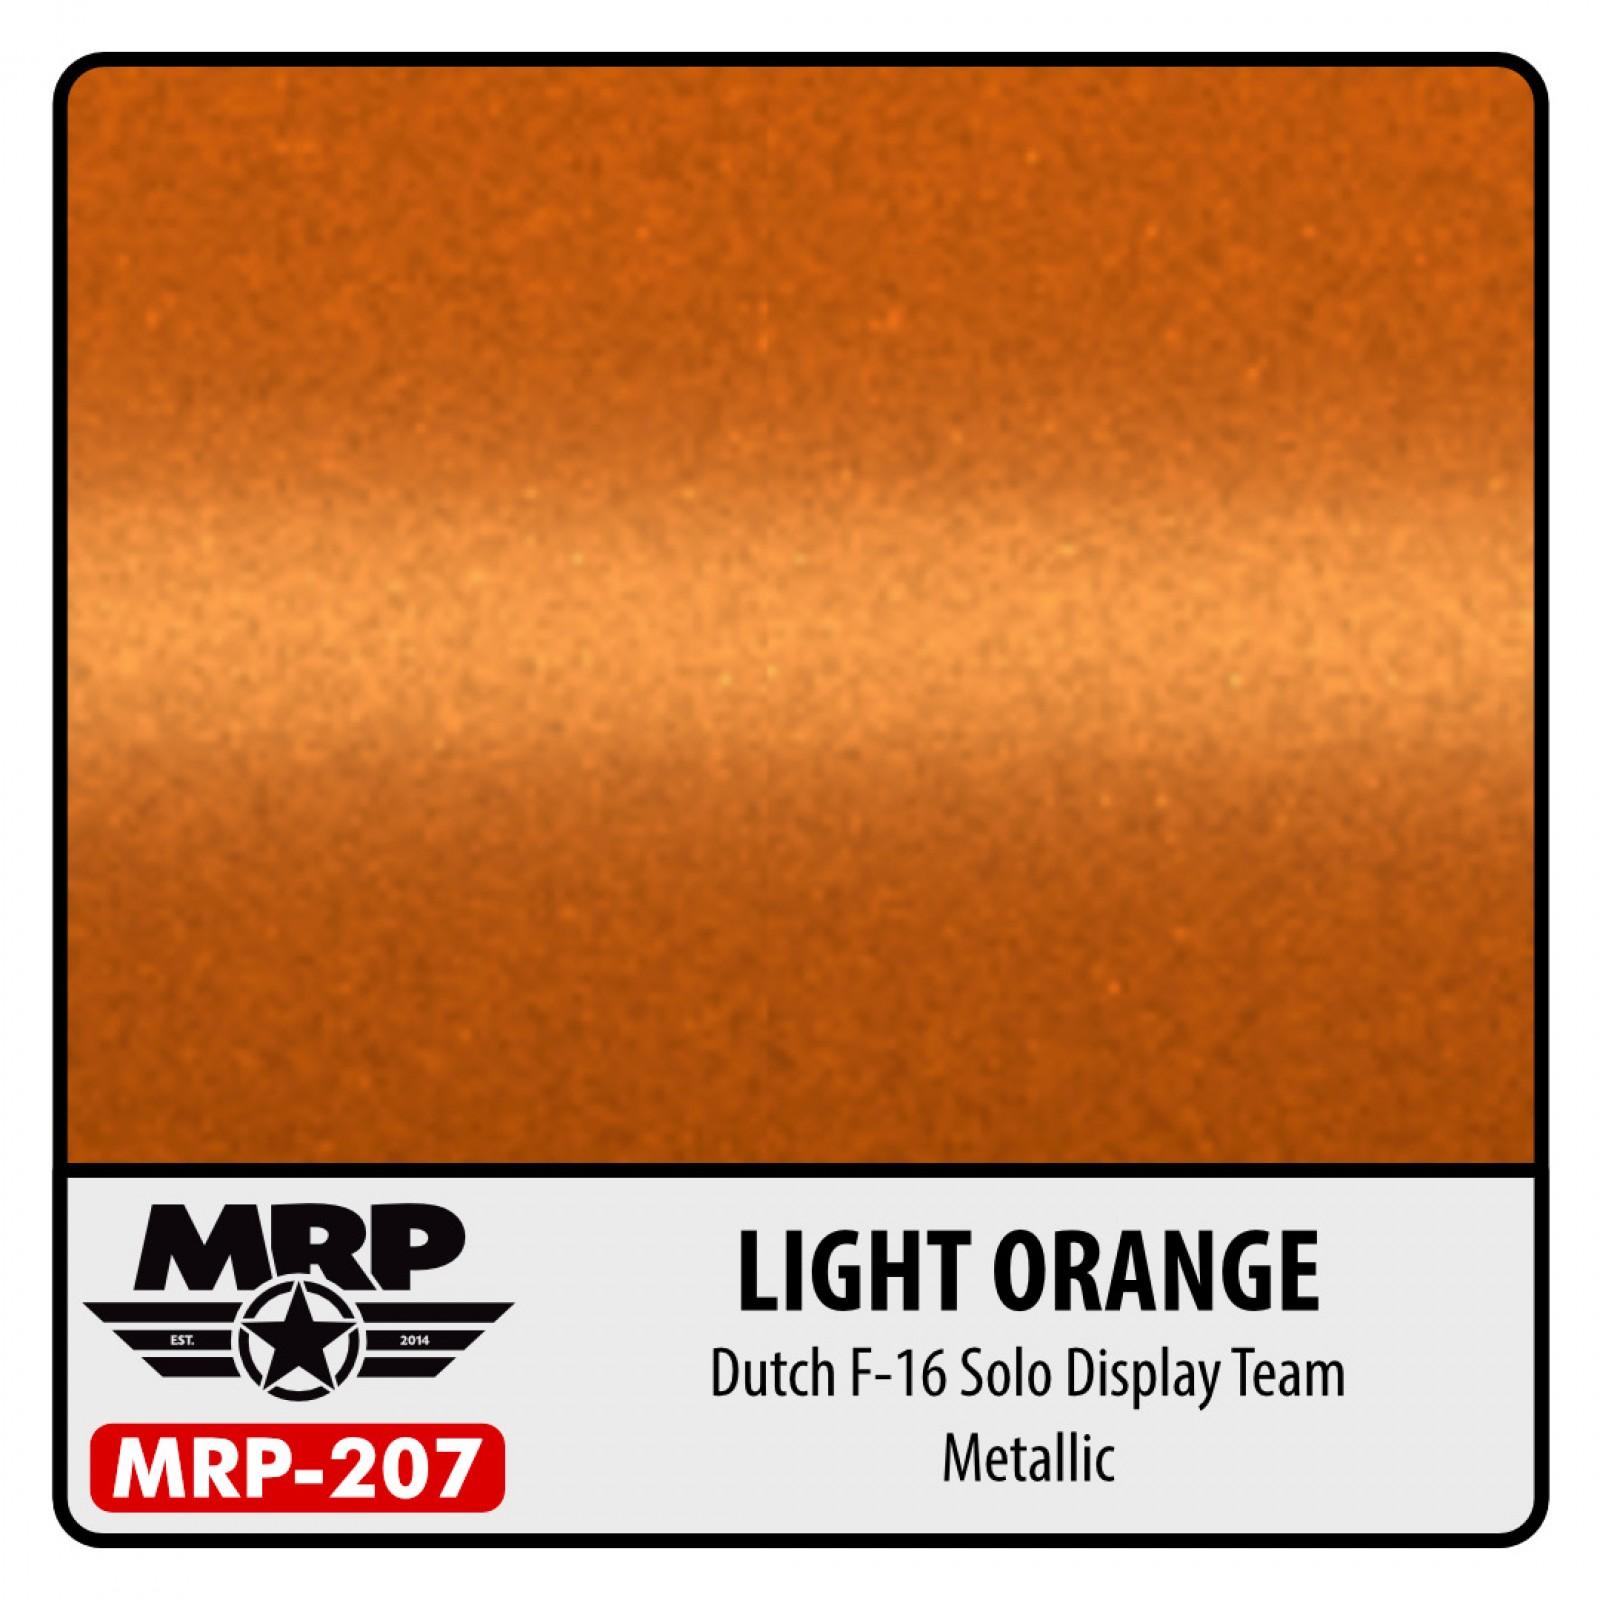 MRP-207  LIGHT  ORANGE  F-16